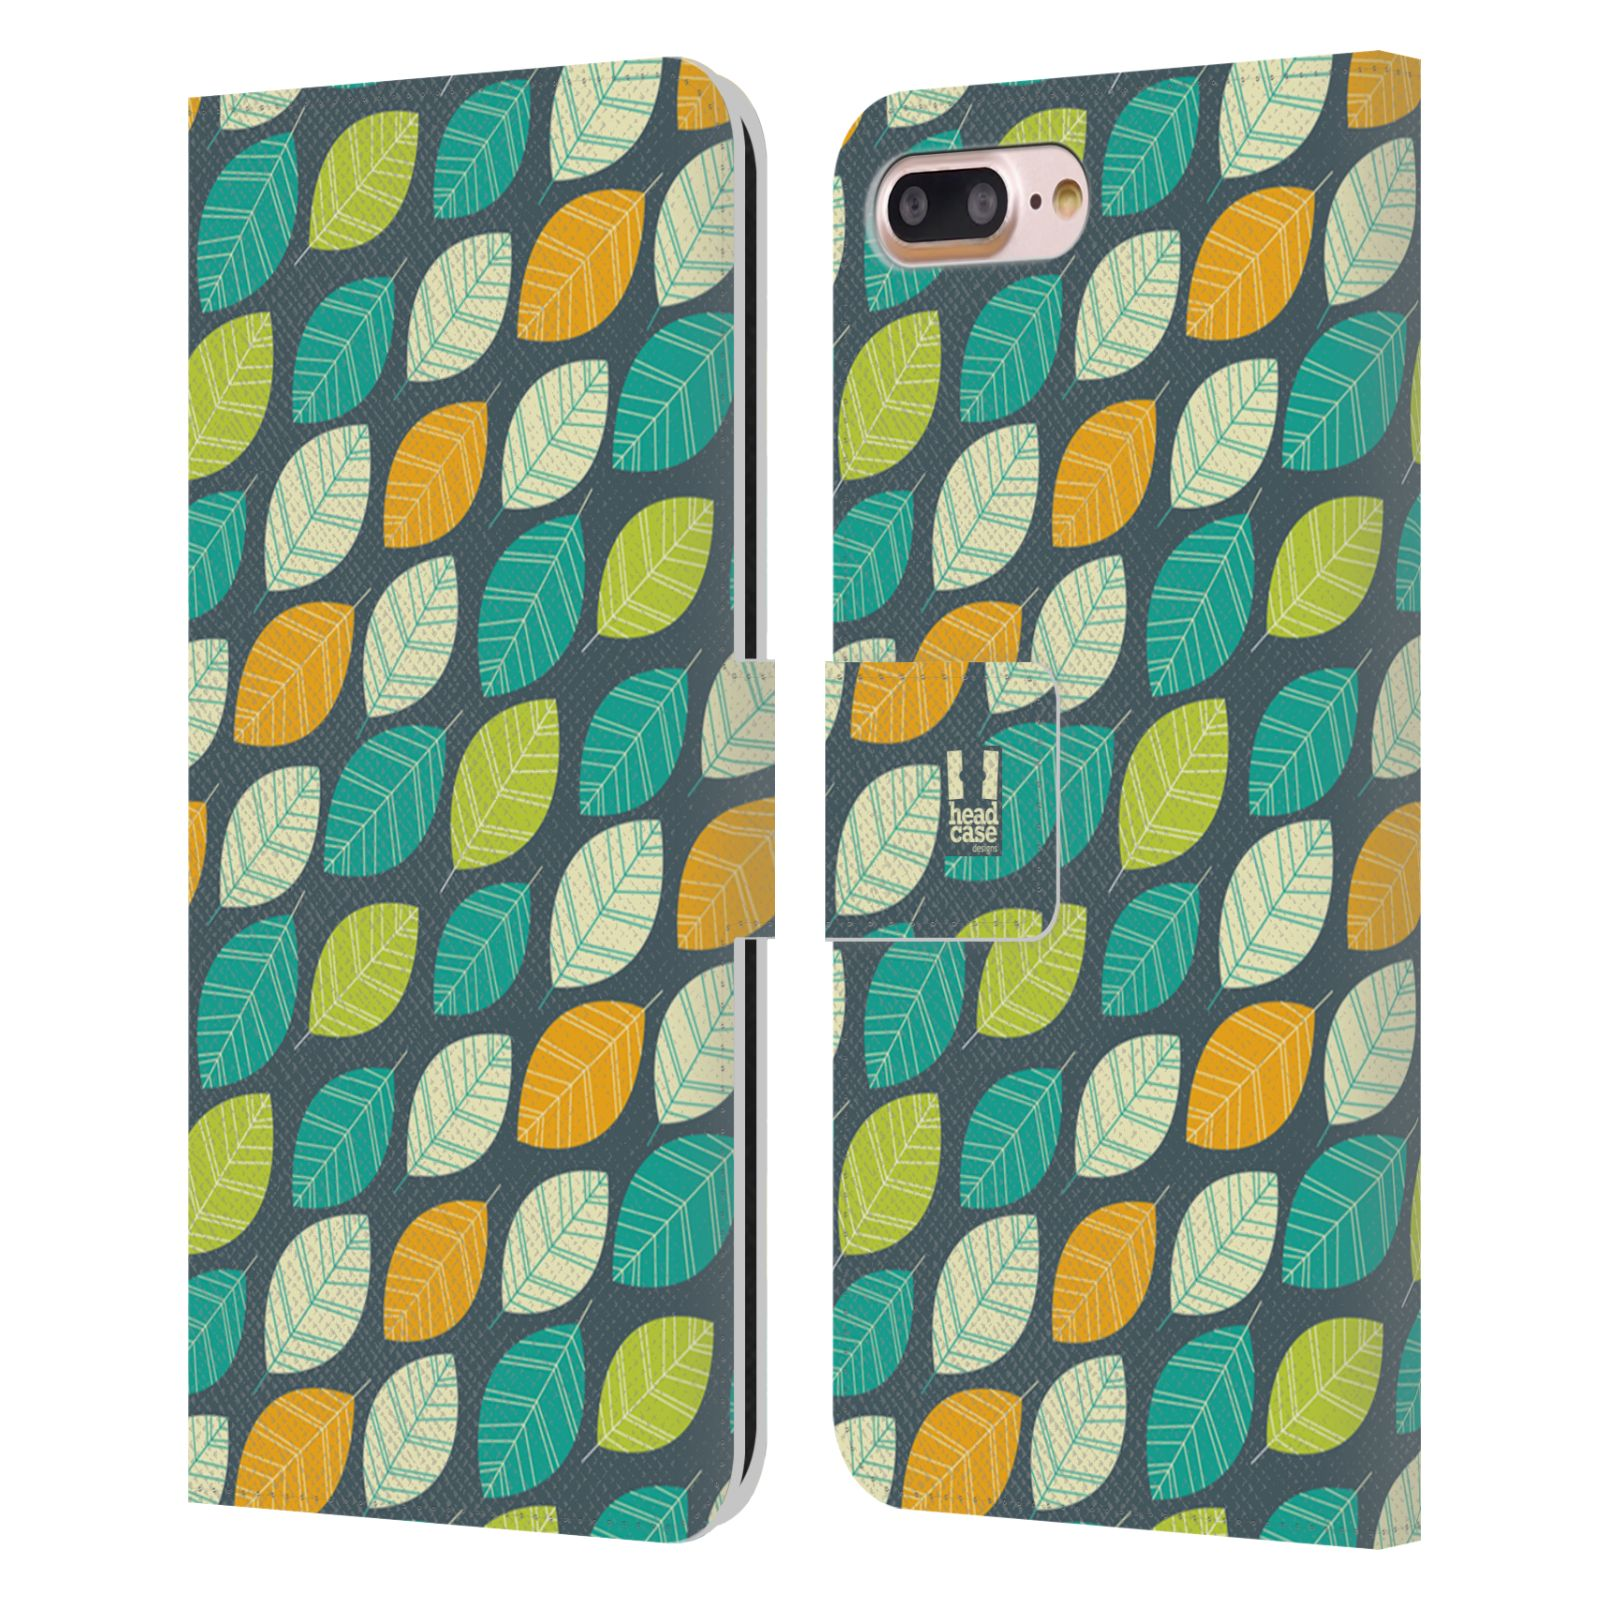 HEAD CASE Flipové pouzdro pro mobil Apple Iphone 7 PLUS / 8 PLUS vzory listy zelená a oranžová